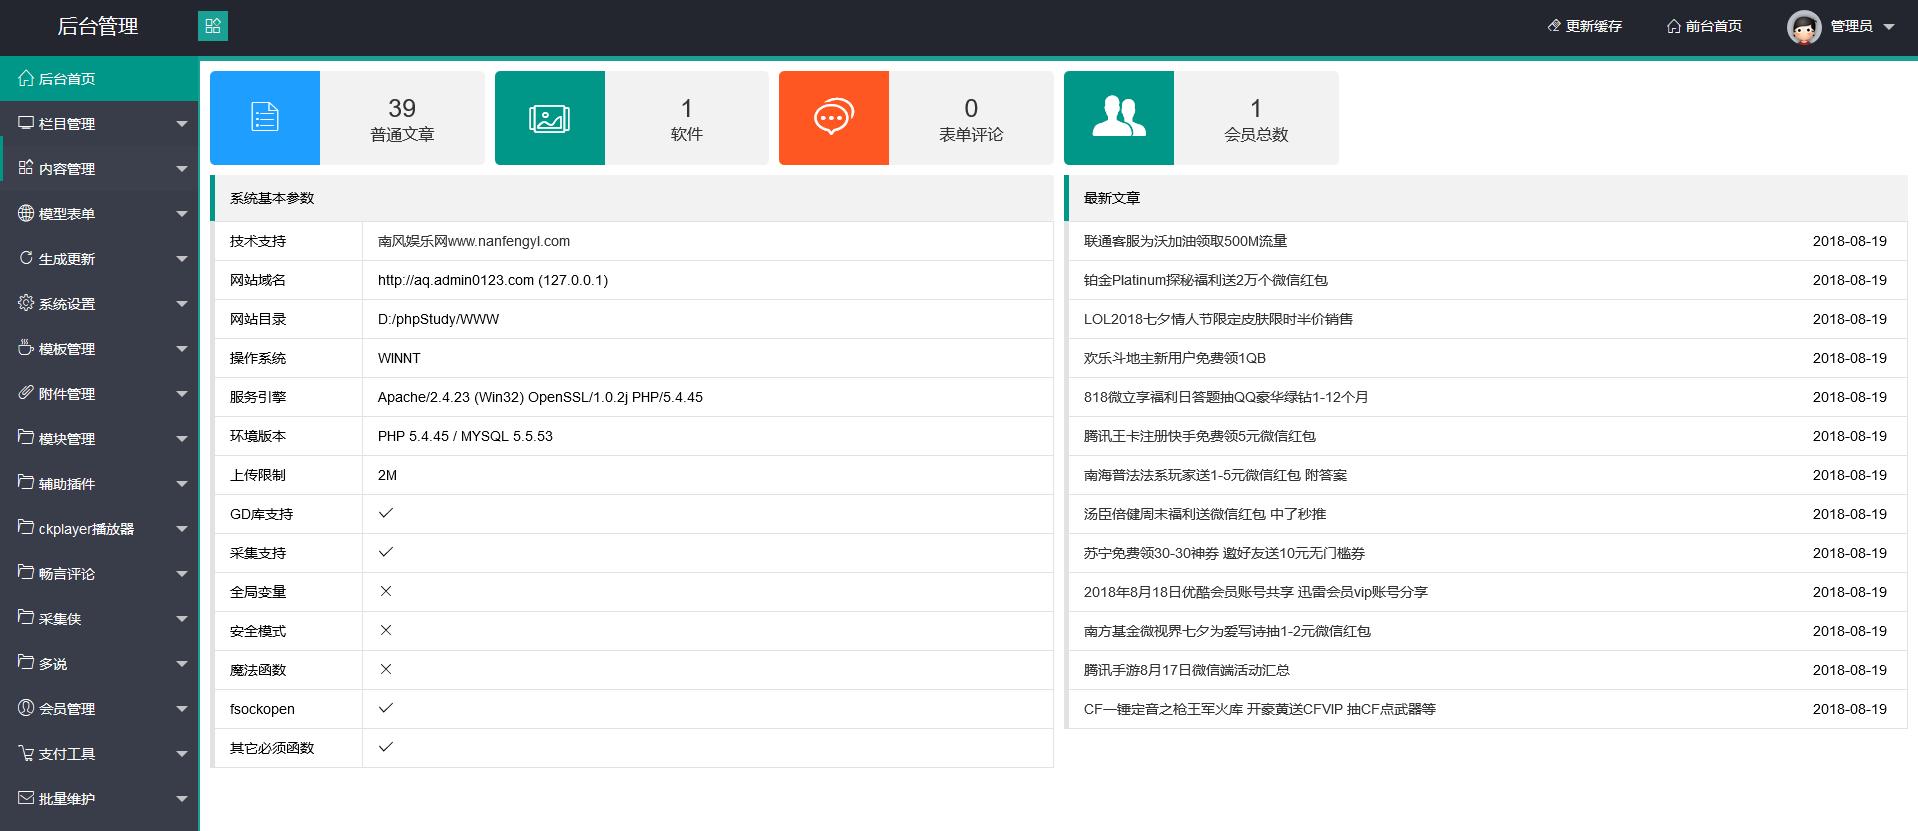 本站首发爱Q生活网模板织梦程序完整无后门,小刀娱乐网